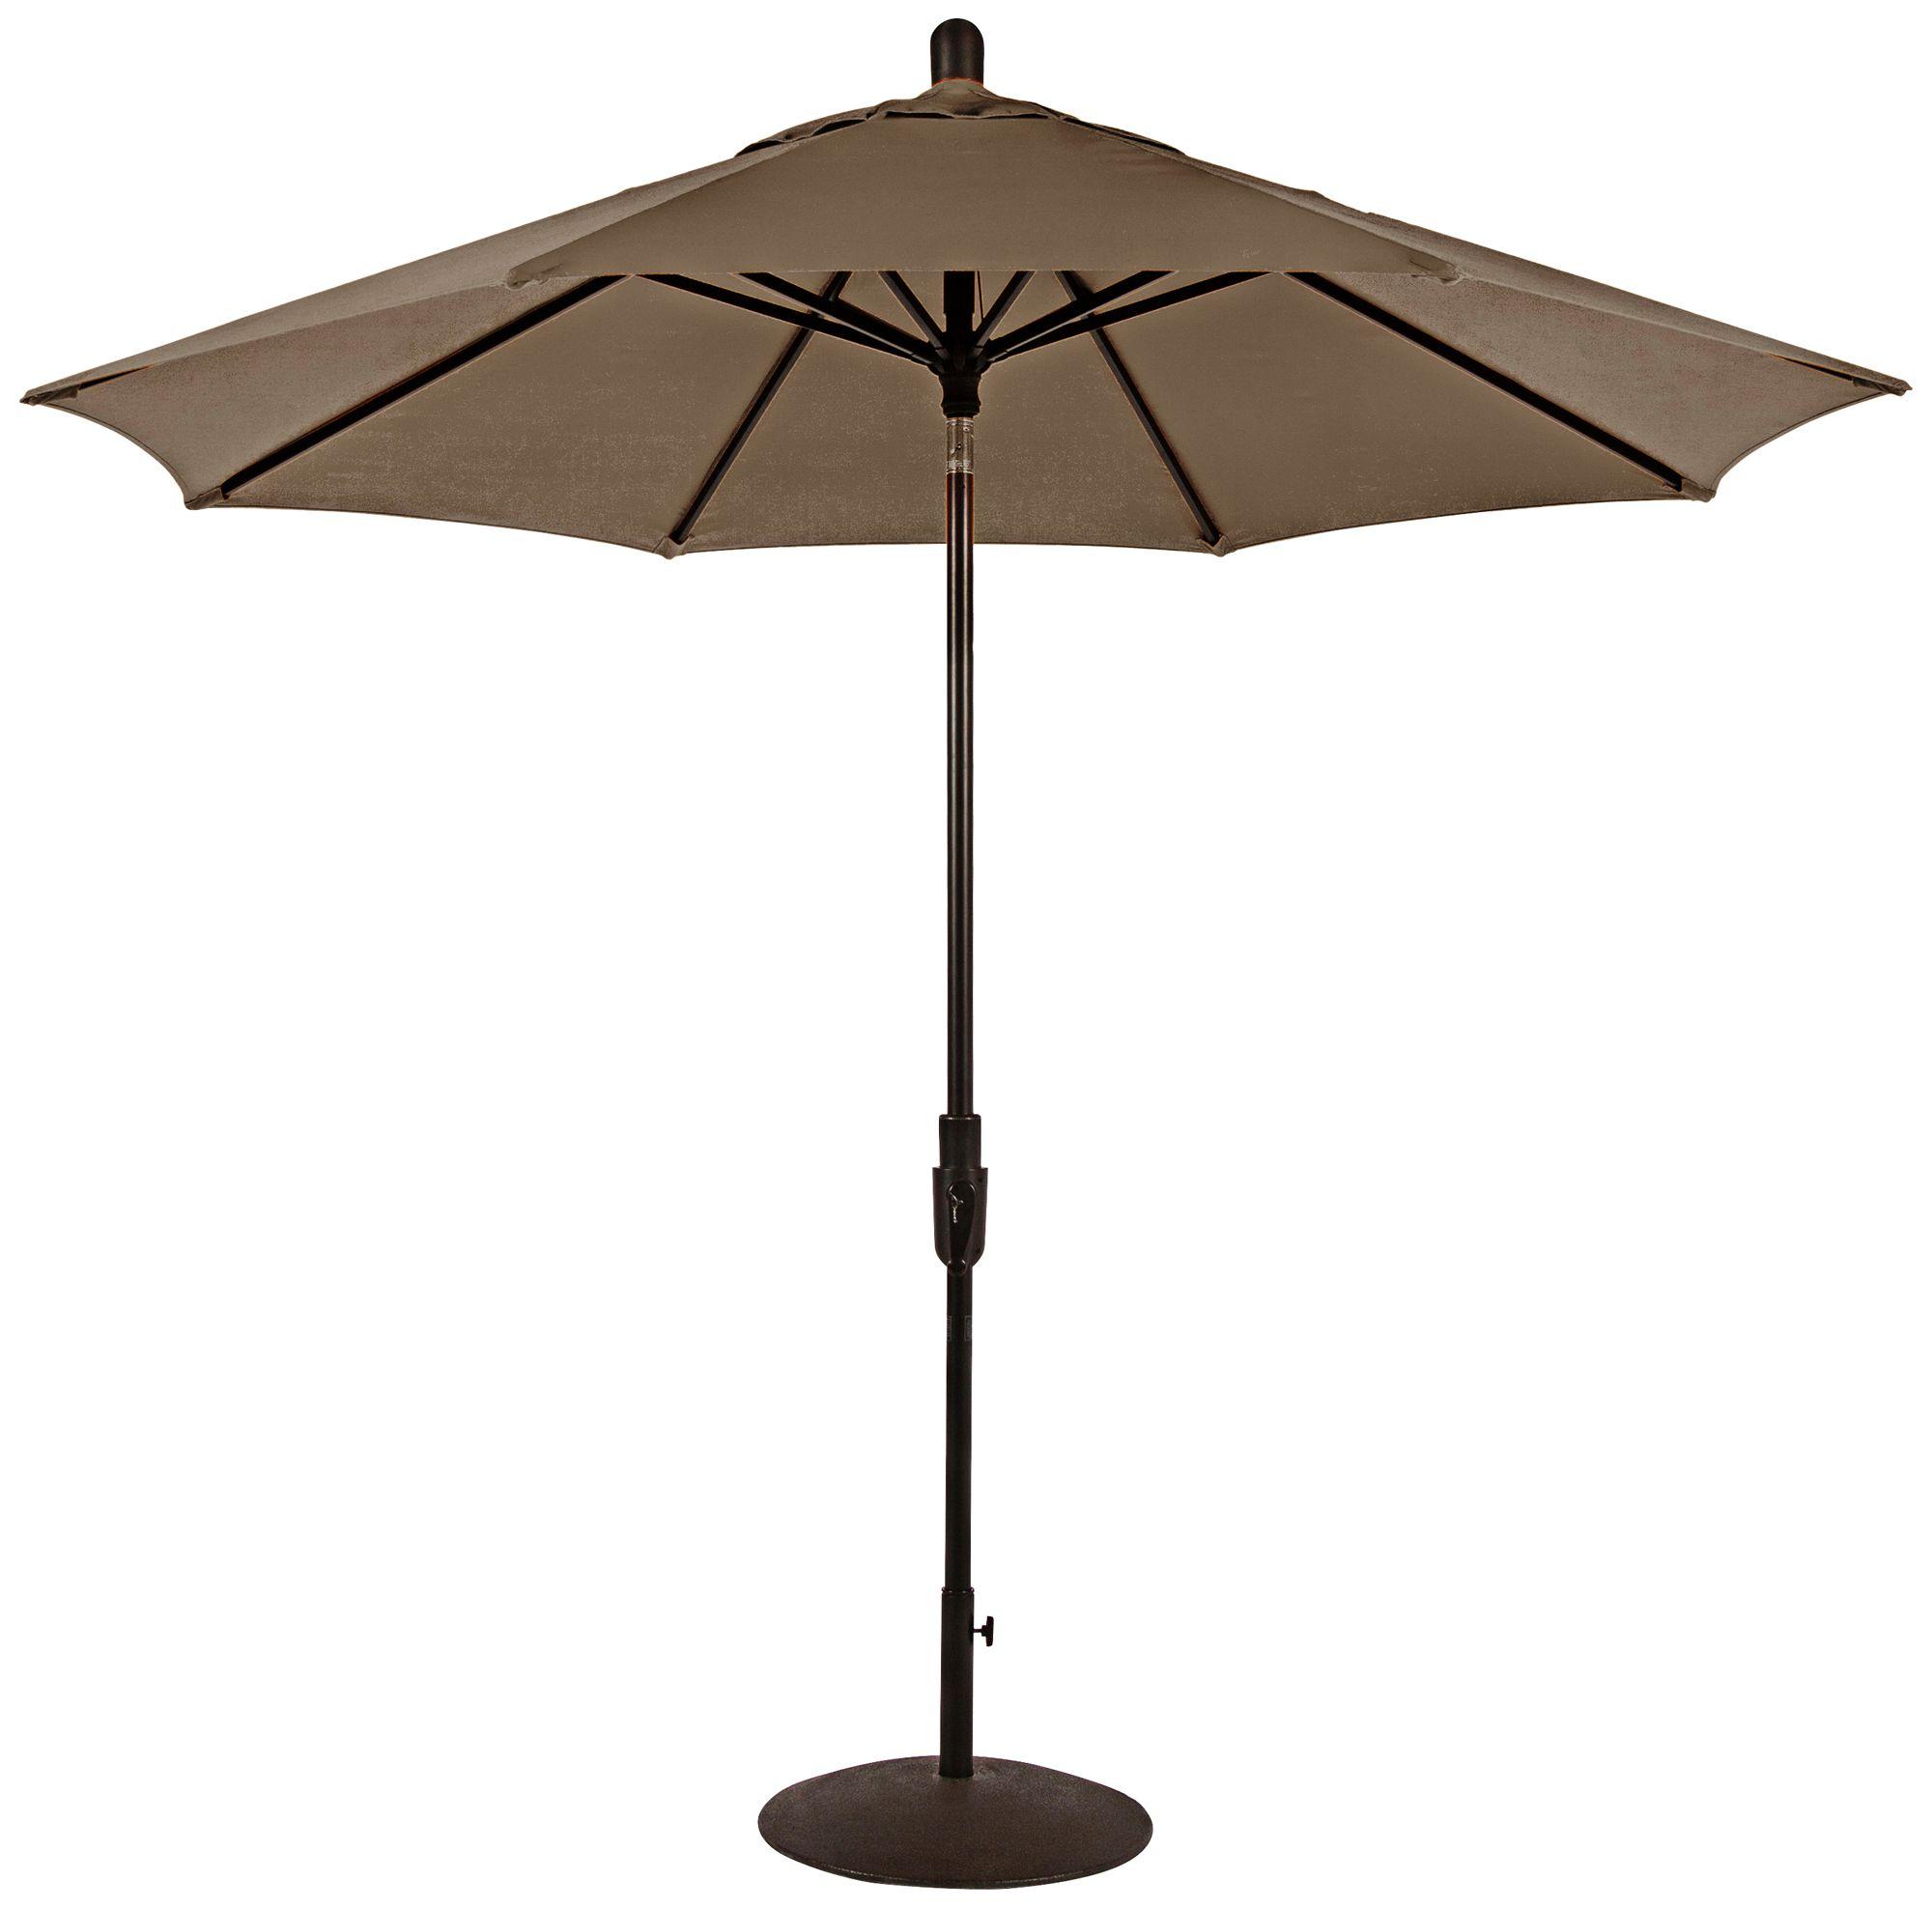 Awesome Zuma Shore 8 3/4 Foot Taupe Sunbrella Patio Umbrella